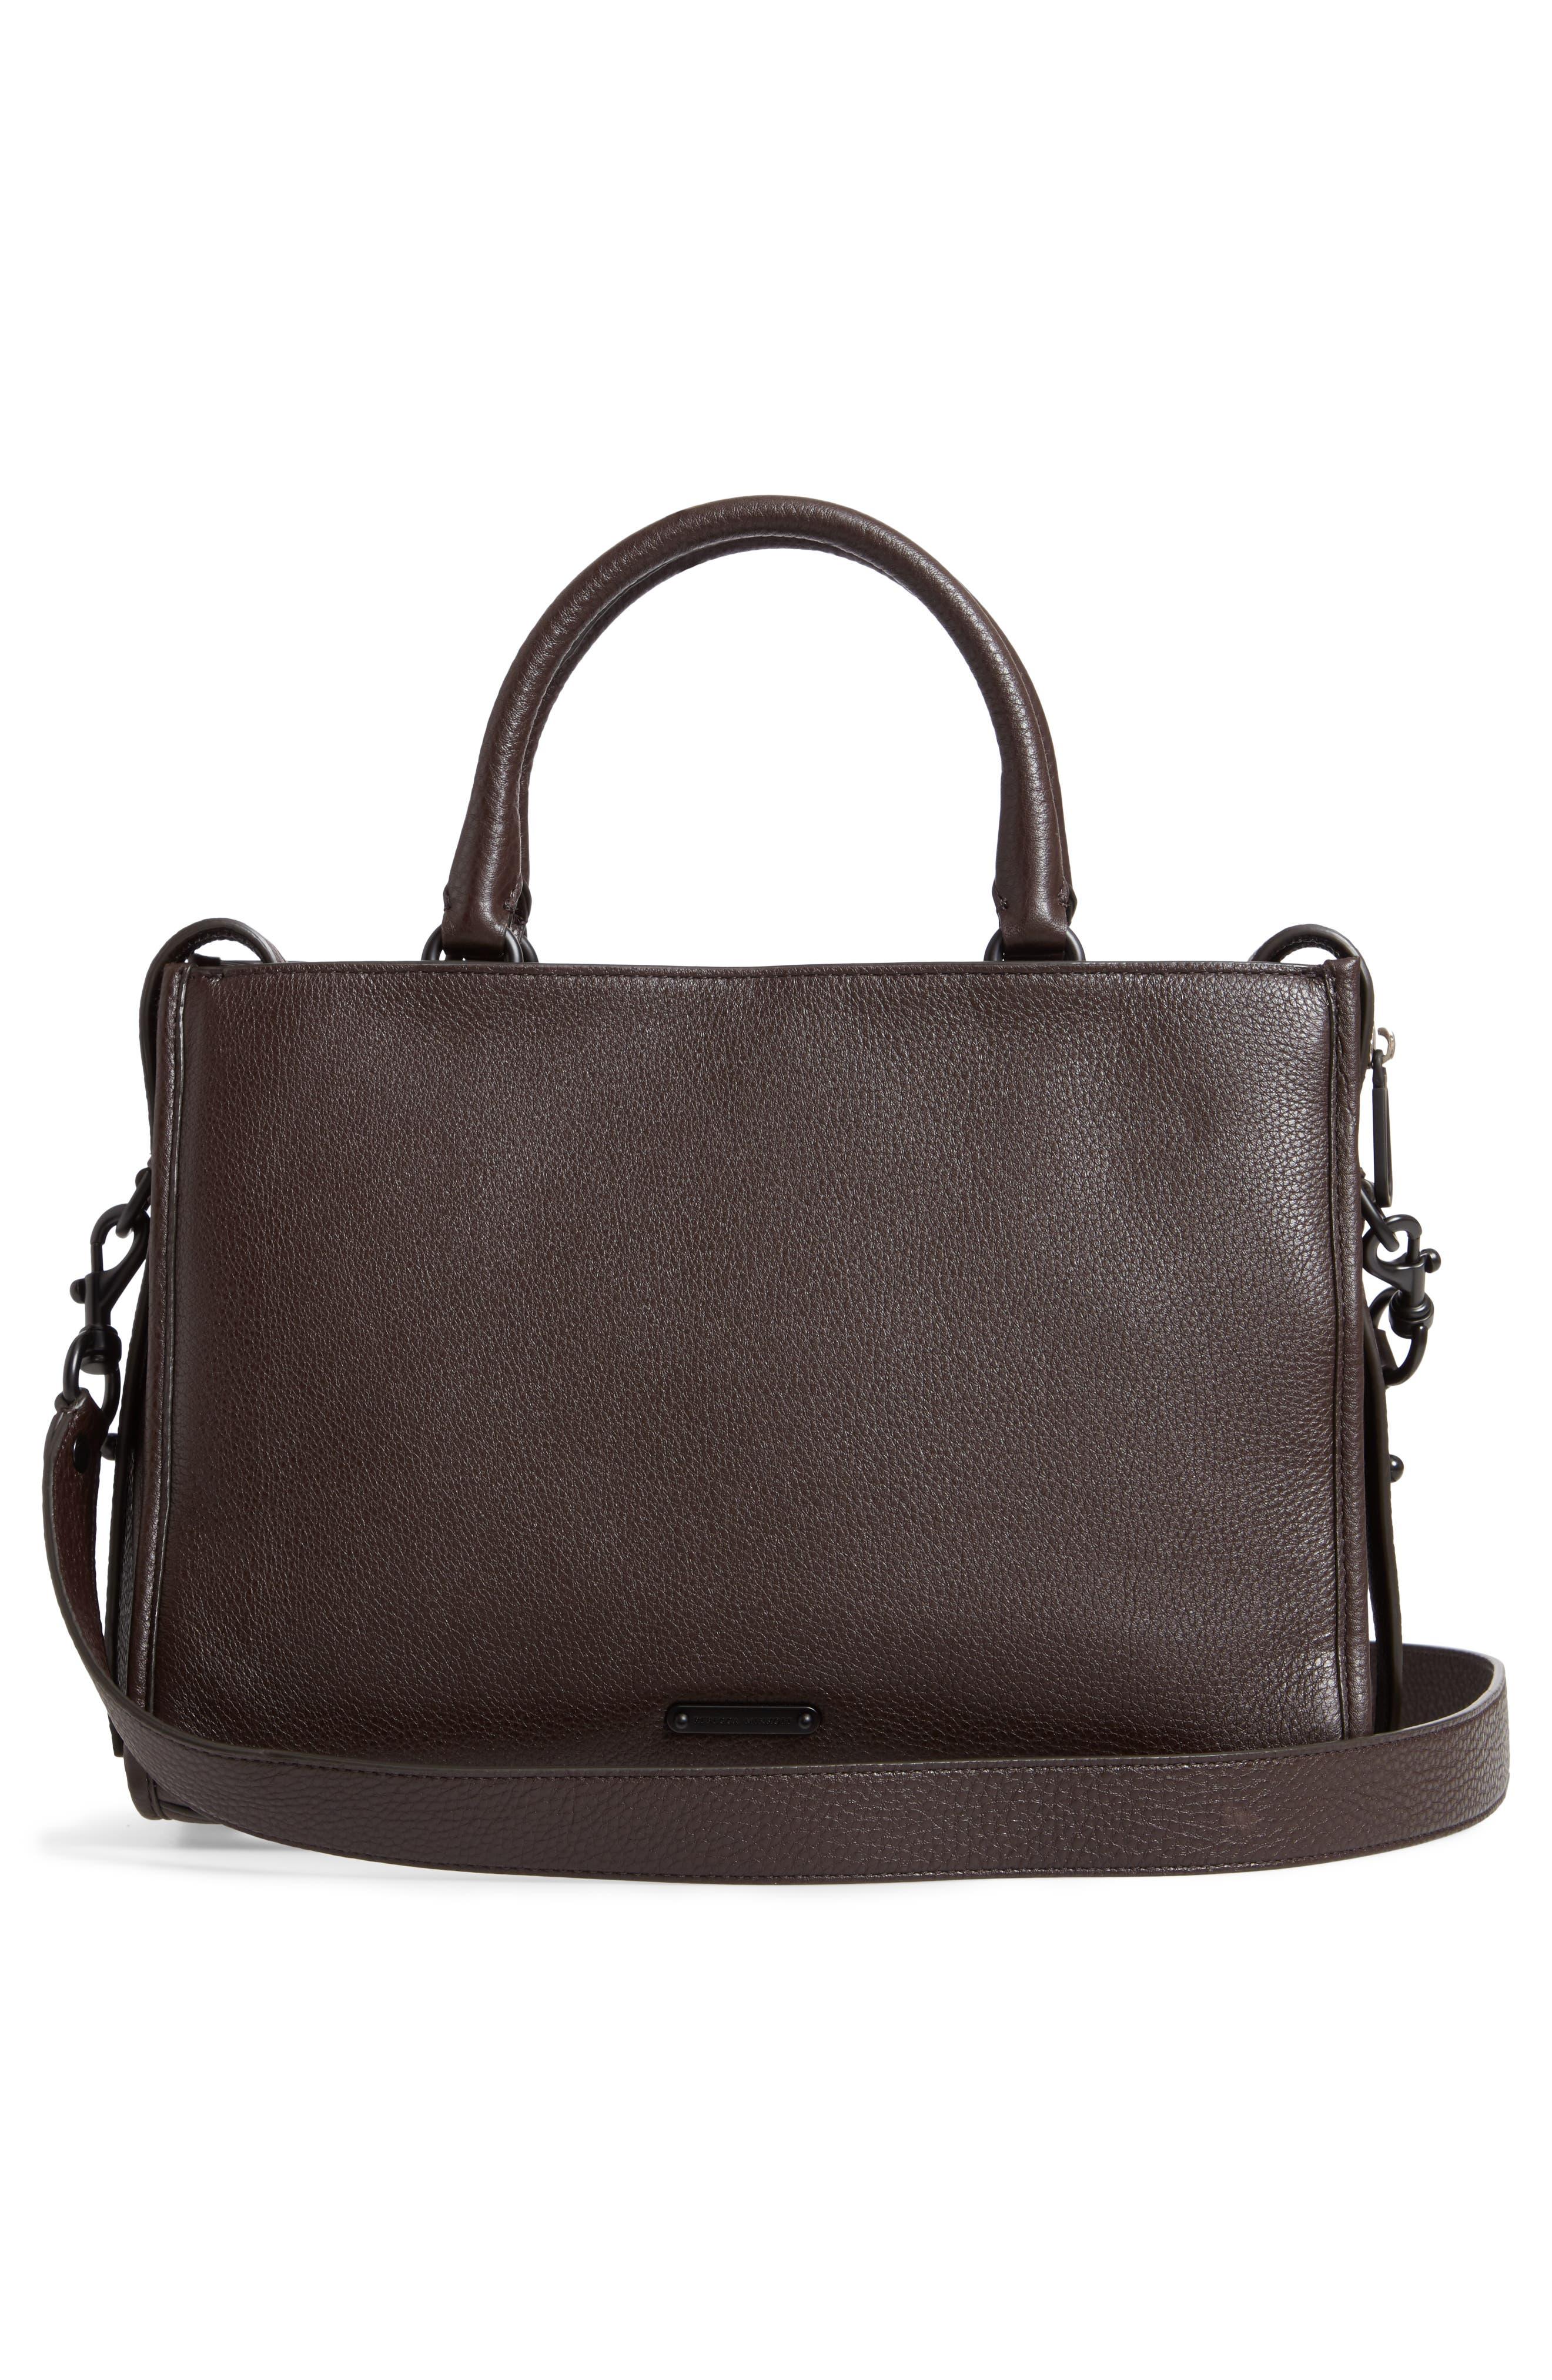 Bedford Zip Leather Satchel,                             Alternate thumbnail 3, color,                             GANACHE